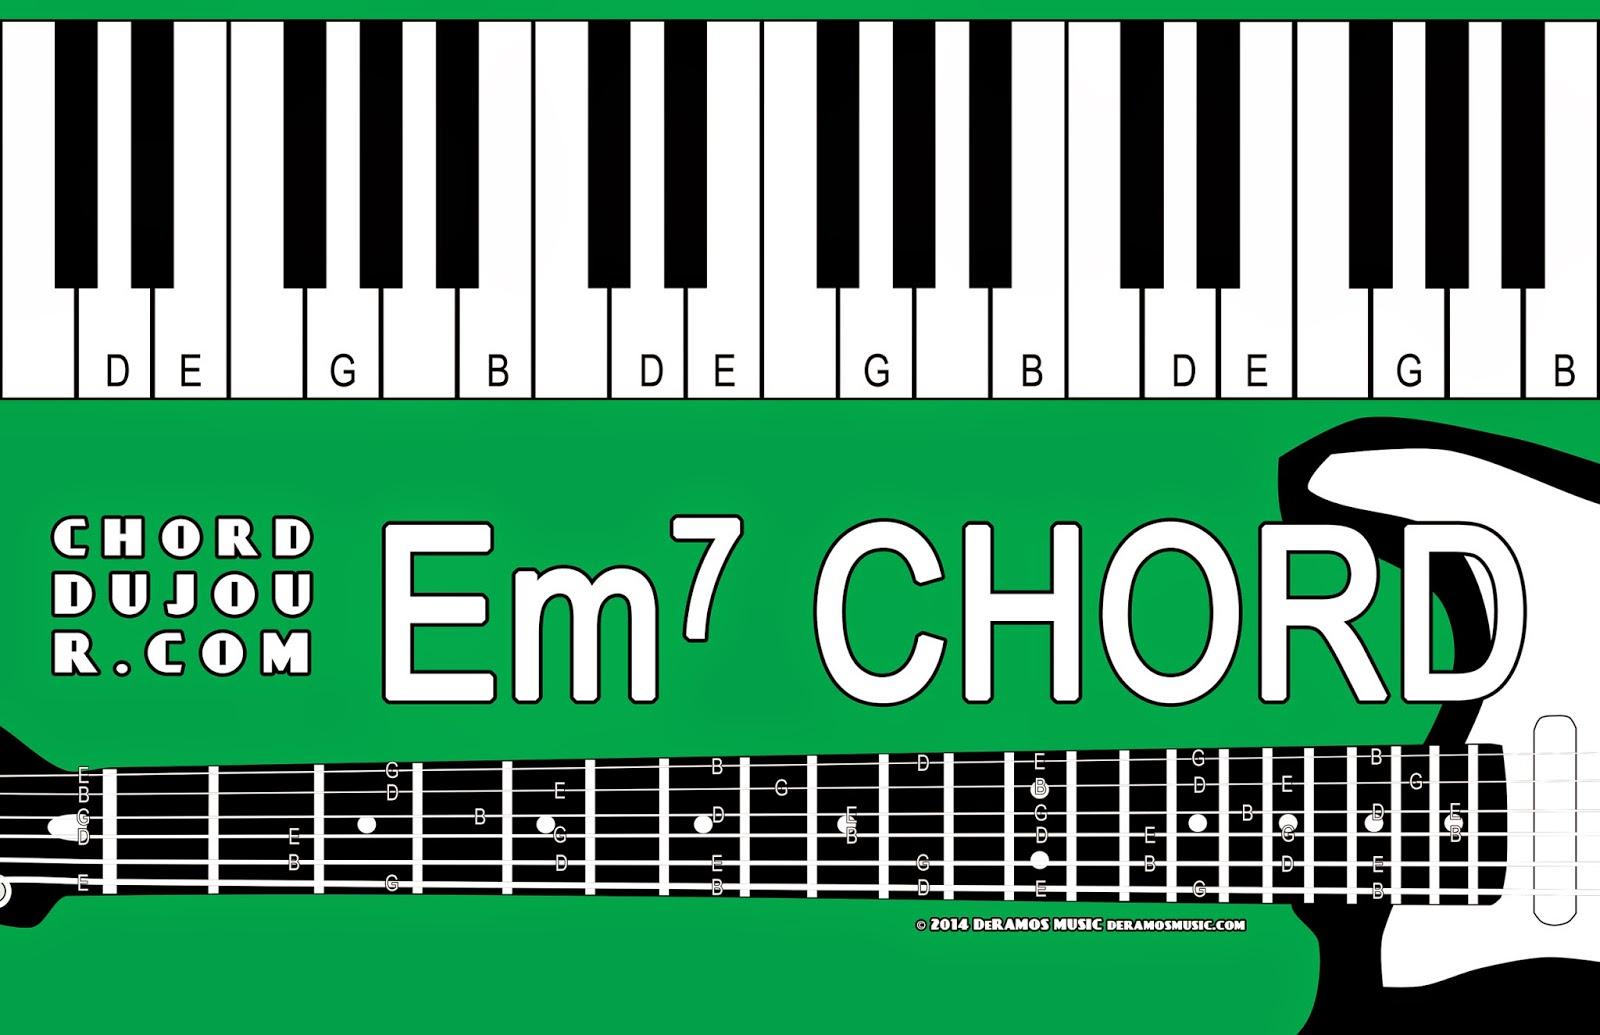 Chord du jour dictionary em7 chord dictionary em7 chord hexwebz Gallery